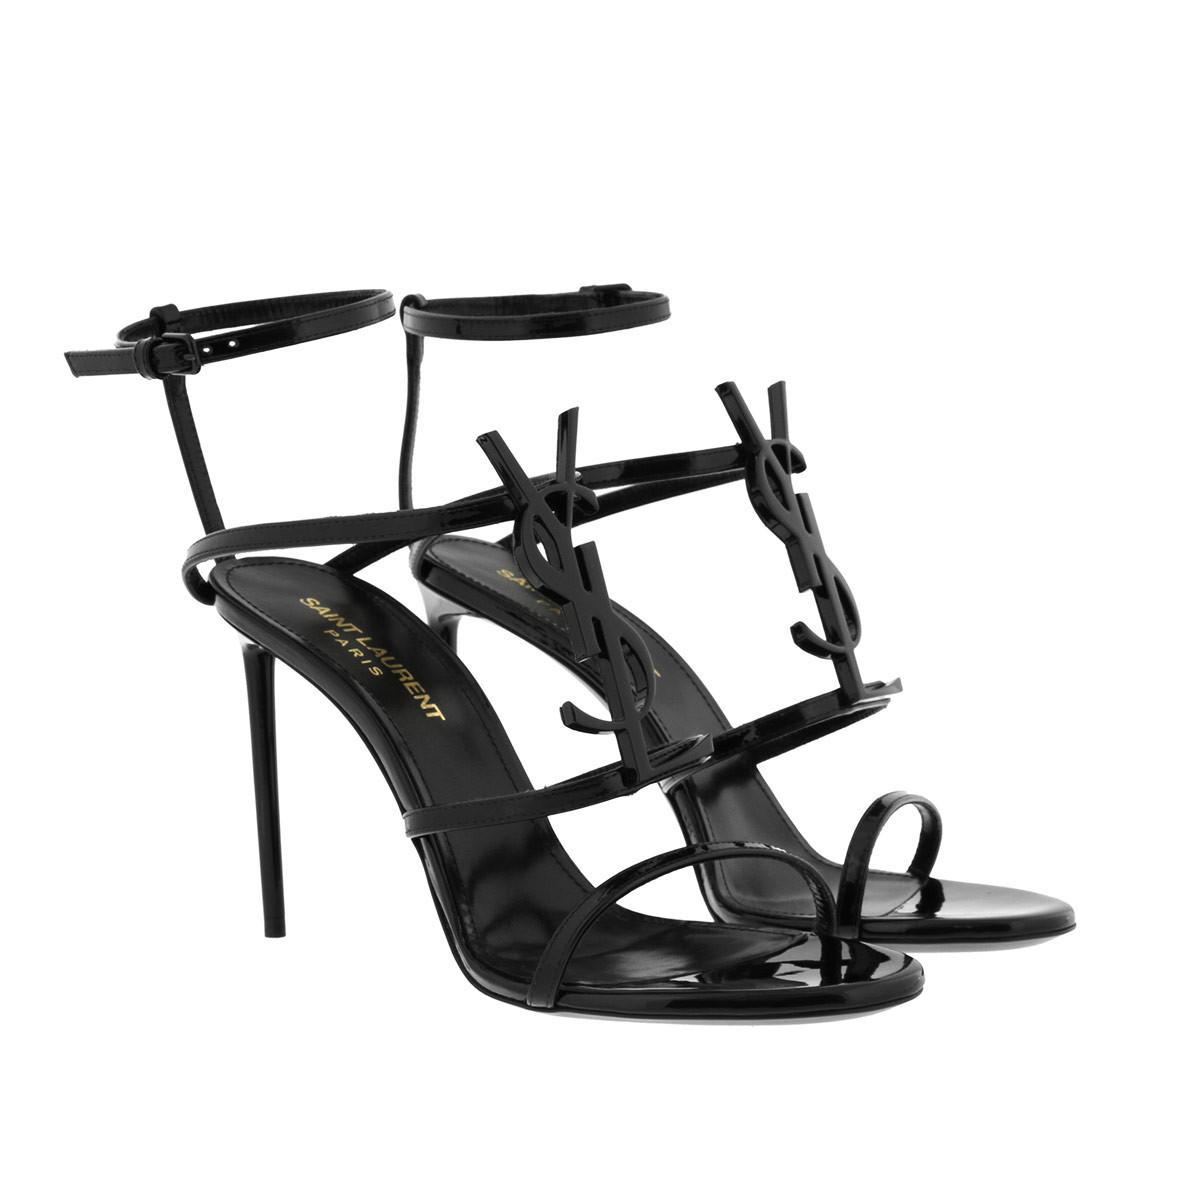 a9d5cd2b1 Saint Laurent Cassandra Sandals Patent Noir in Black - Lyst